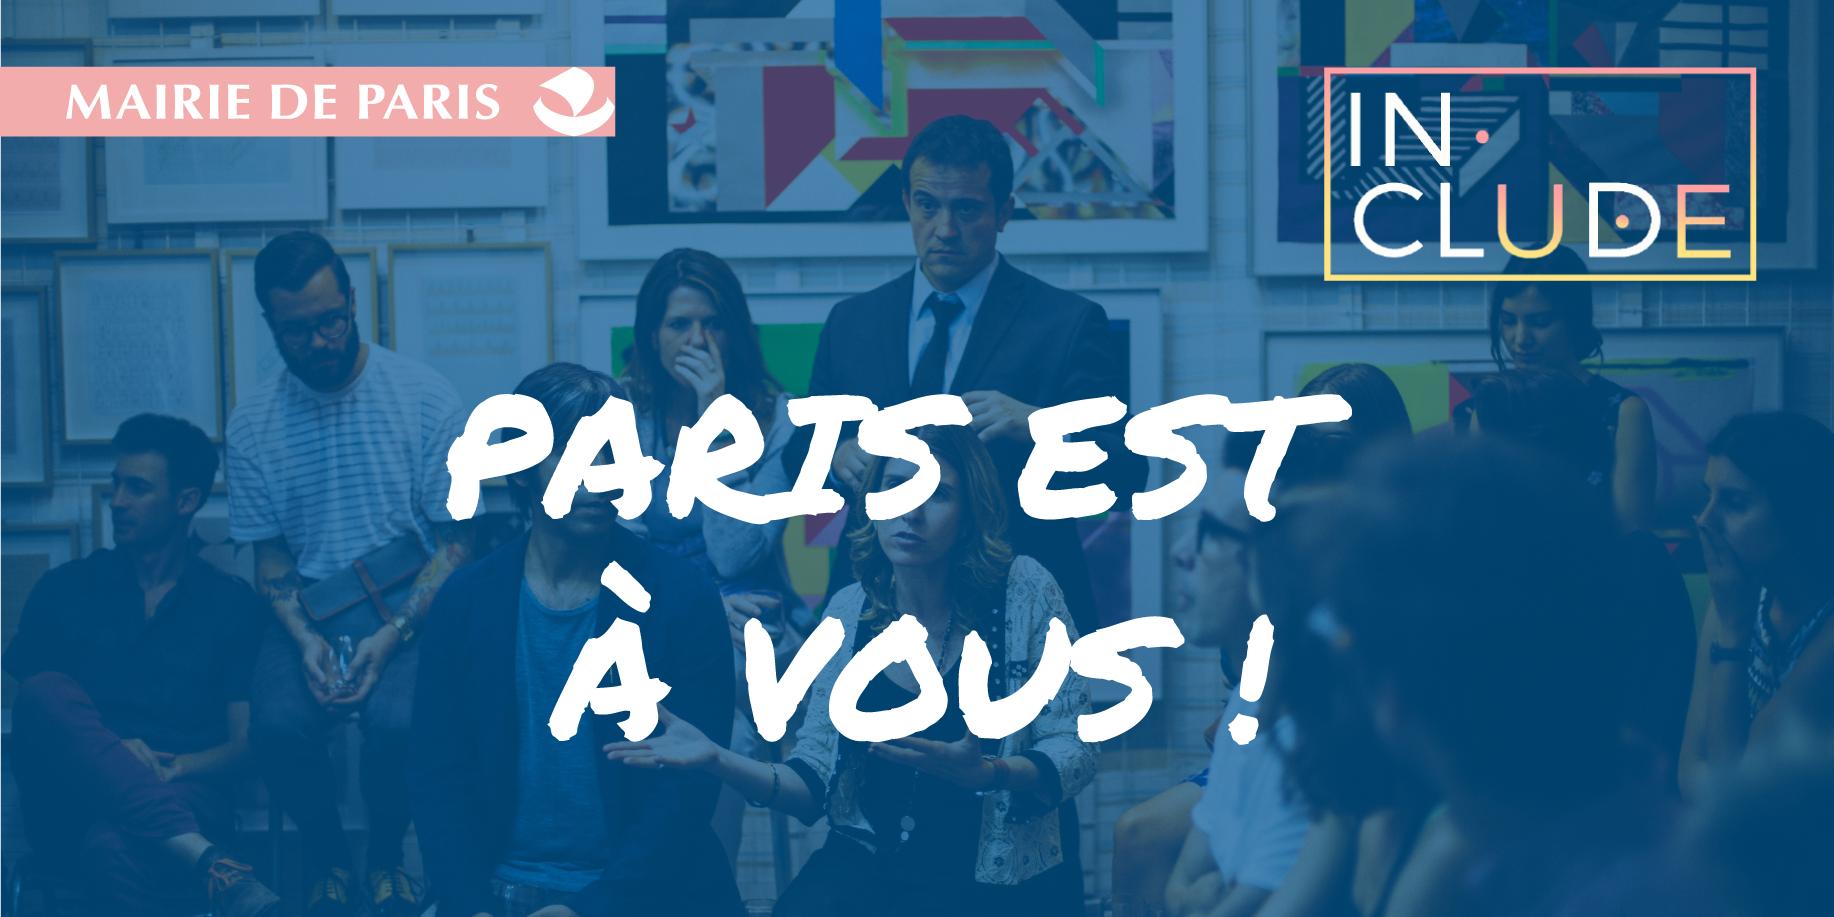 Conseil Parisien des Européens candidature Conseil Parisne des Européens, Conseil Parisien des Européens candidature CPE CPE CPE CPE CPE CPE